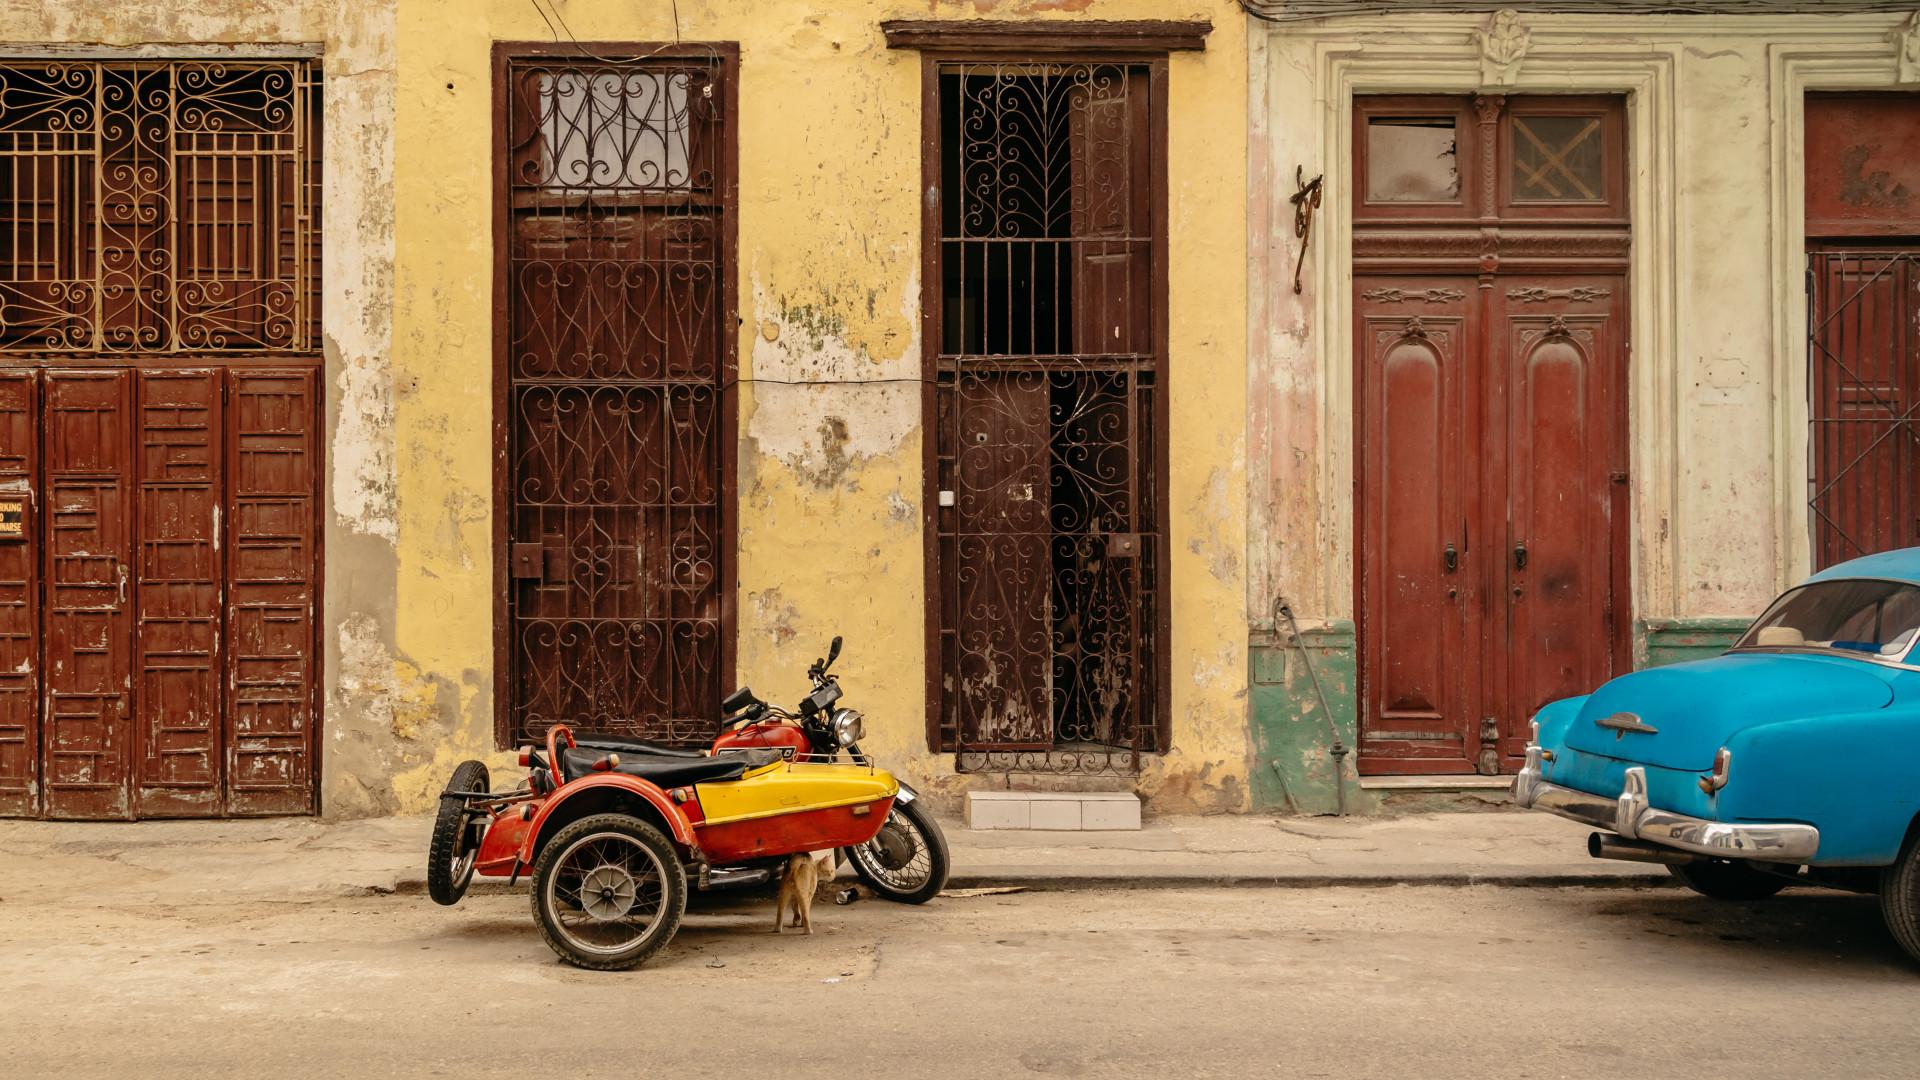 Carro invade passeio em Havana e faz quatro mortos e 21 feridos